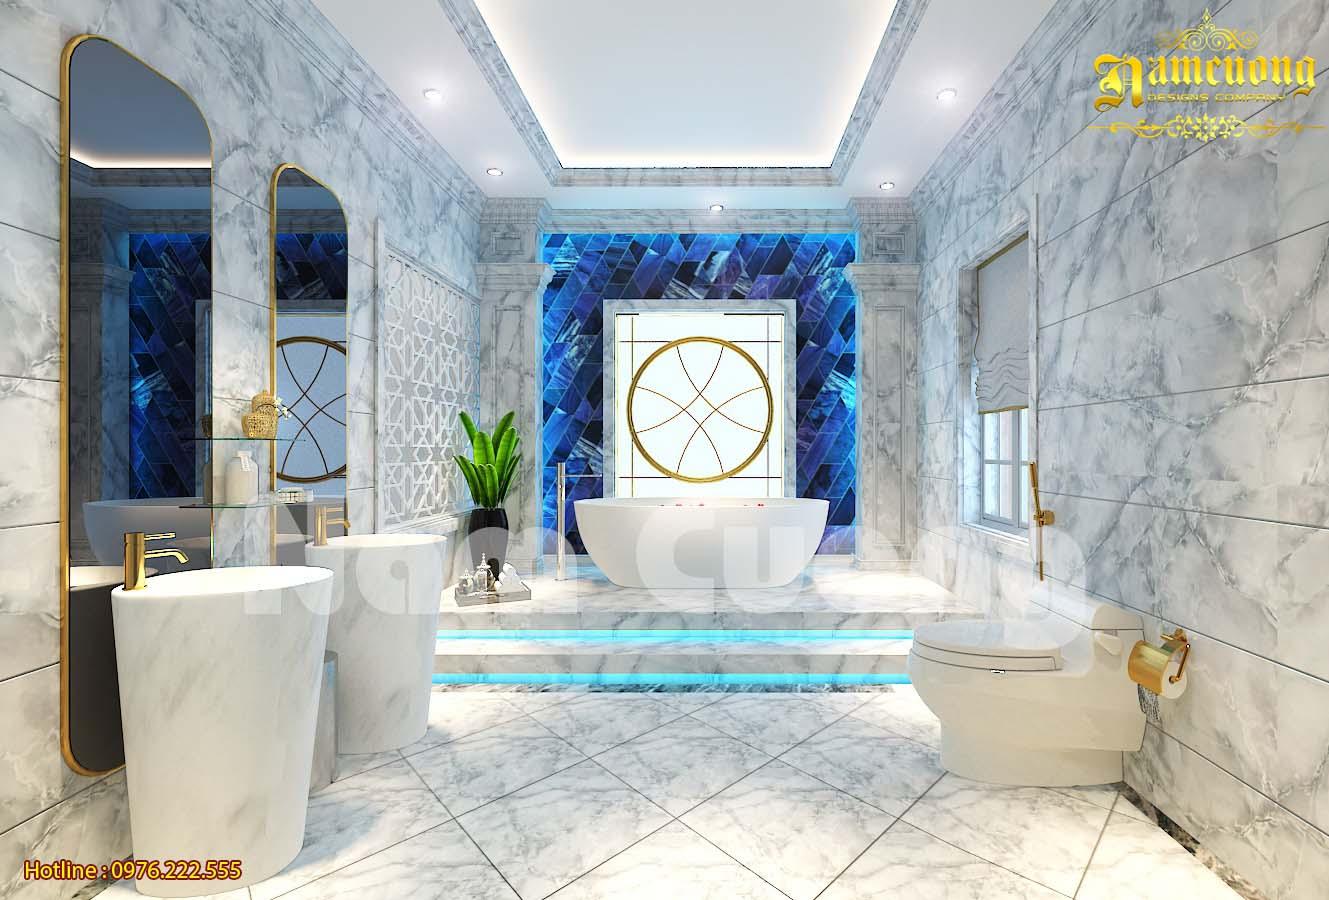 Tổng hợp những cách thiết kế phòng vệ sinh đẹp, tiện nghi và hợp lý